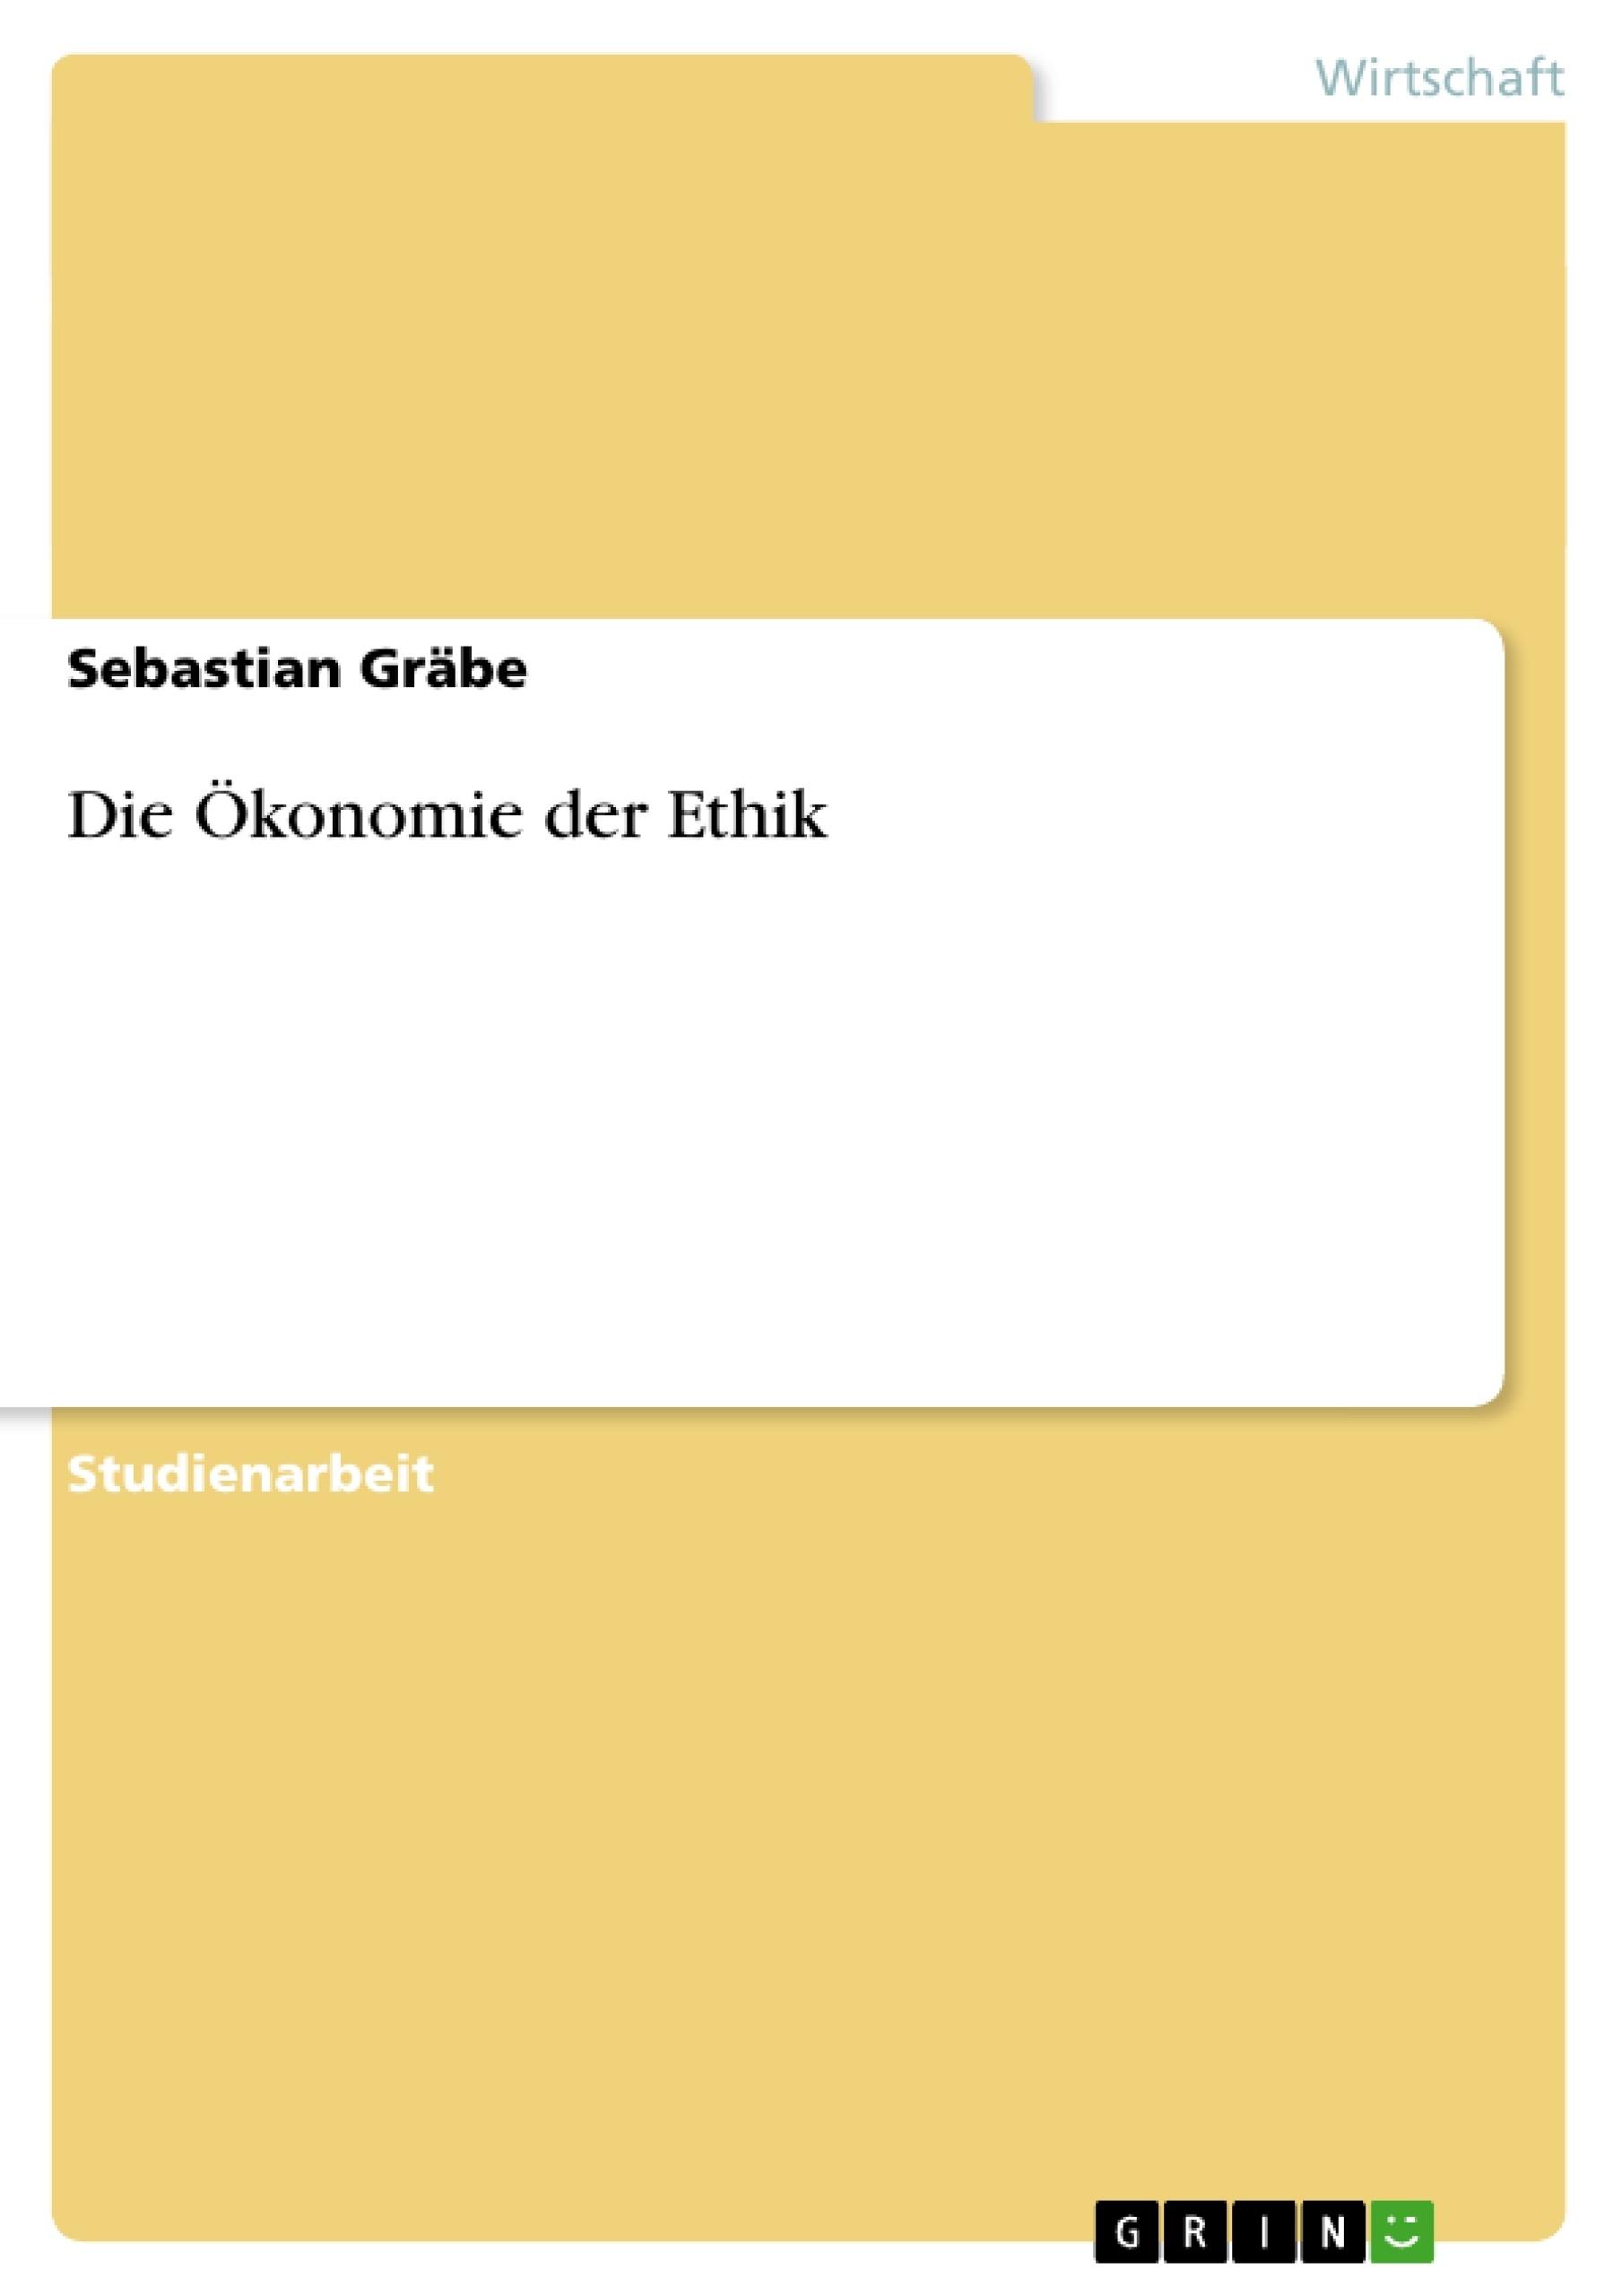 Titel: Die Ökonomie der Ethik